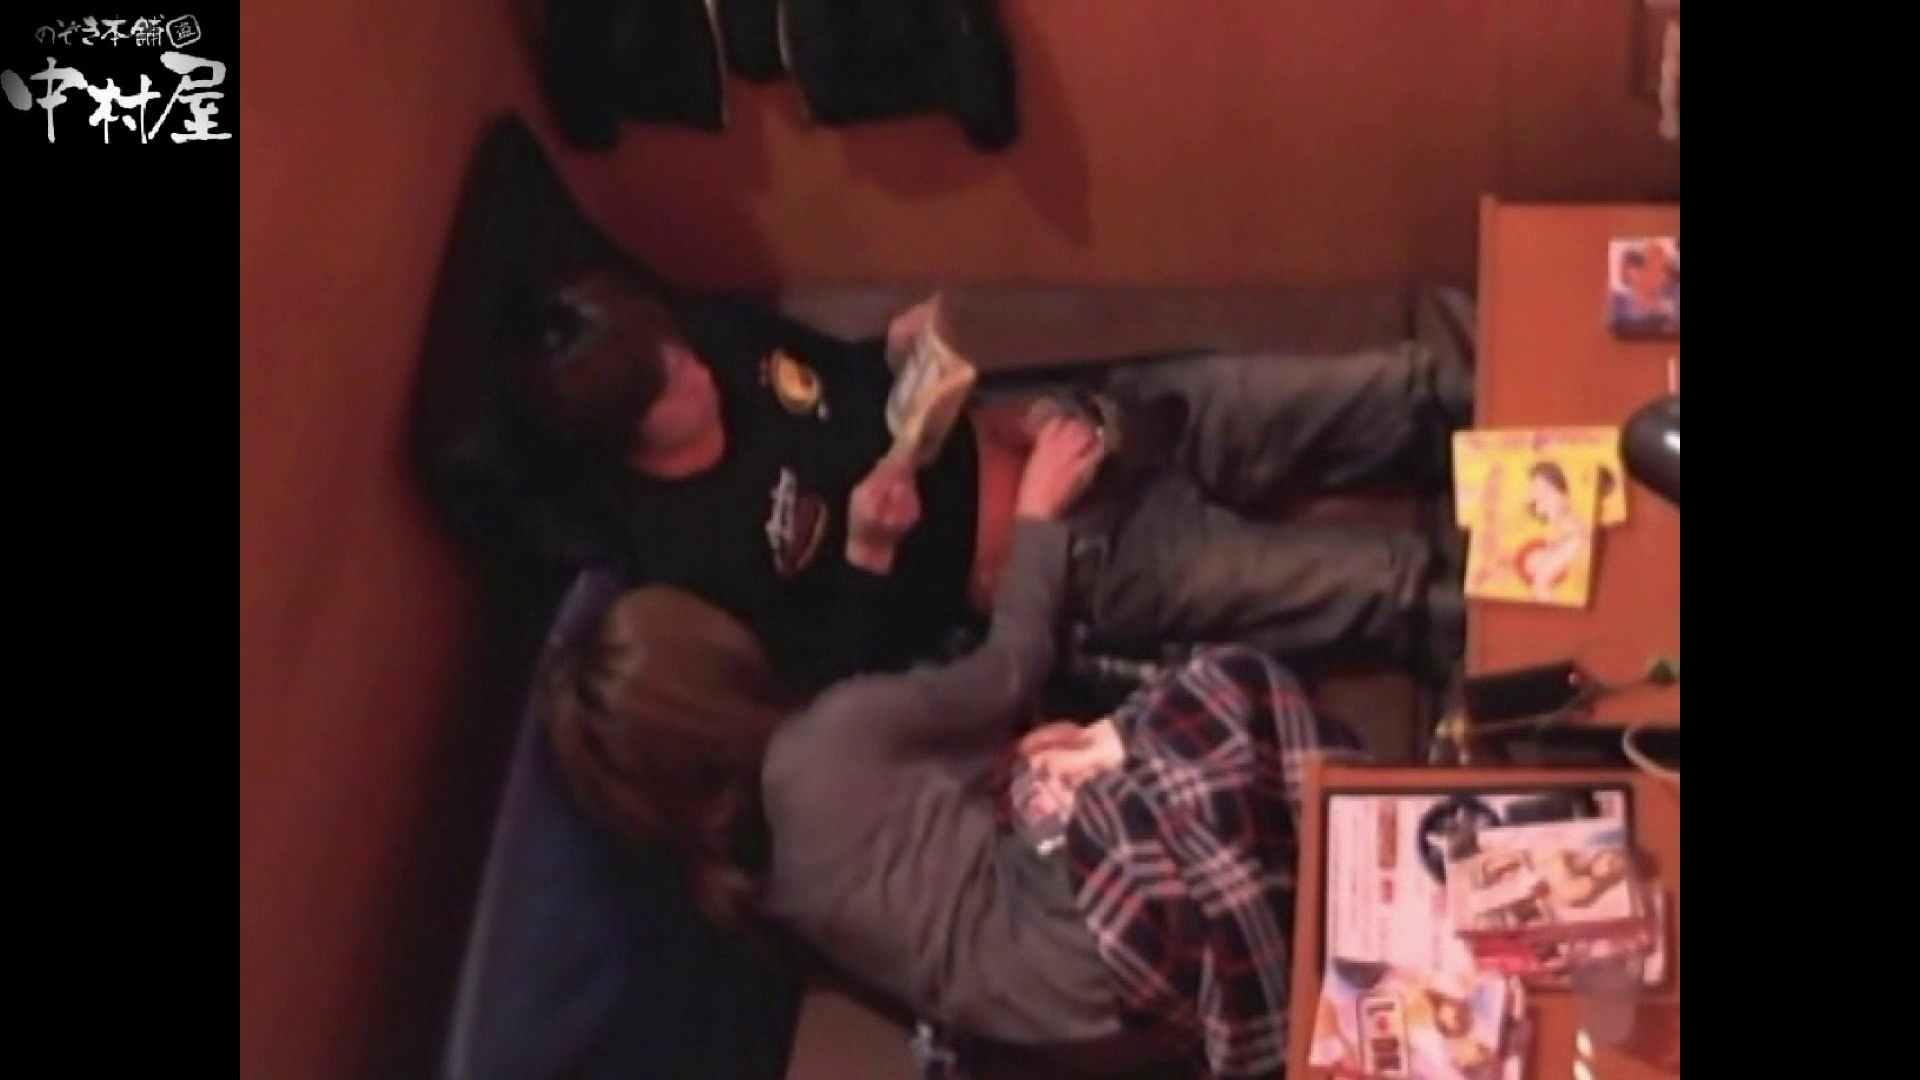 ネットカフェ盗撮師トロントさんの 素人カップル盗撮記vol.2 おっぱい   素人  70枚 23